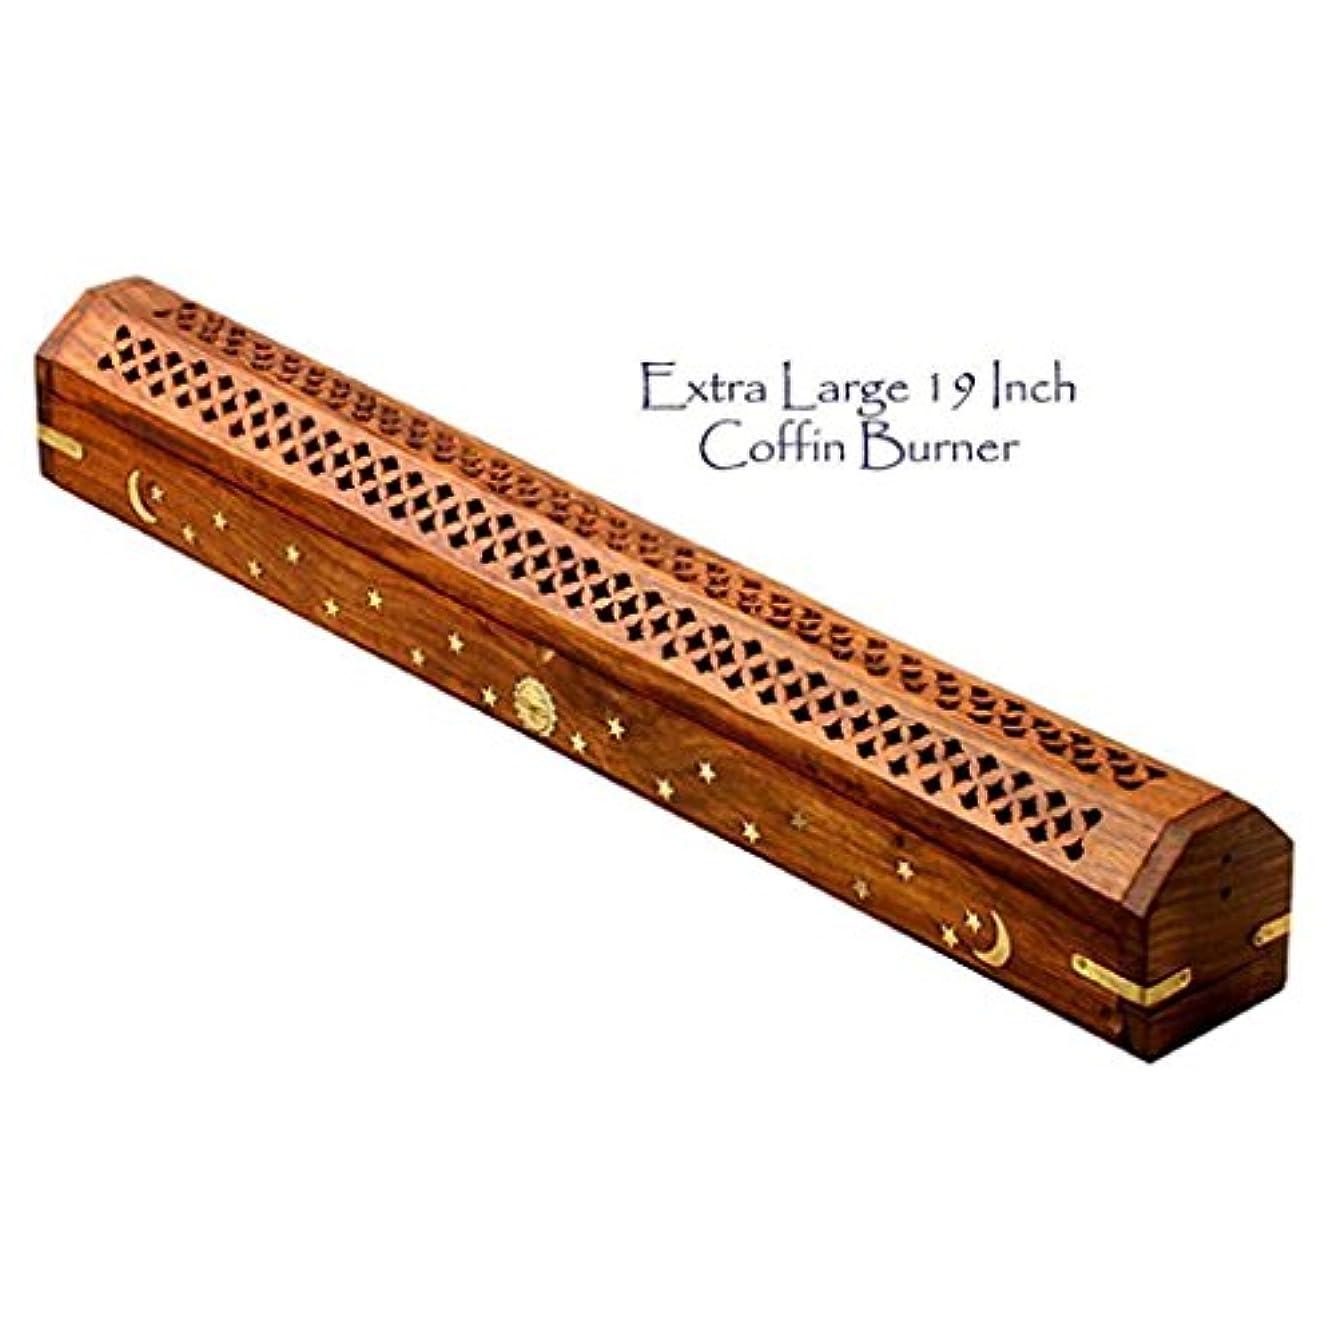 記念碑的な気分変更可能The Parfumerie Incense CoFfIn / Burner Extra Large for 19 in。Incense Sticks – 真鍮月&星